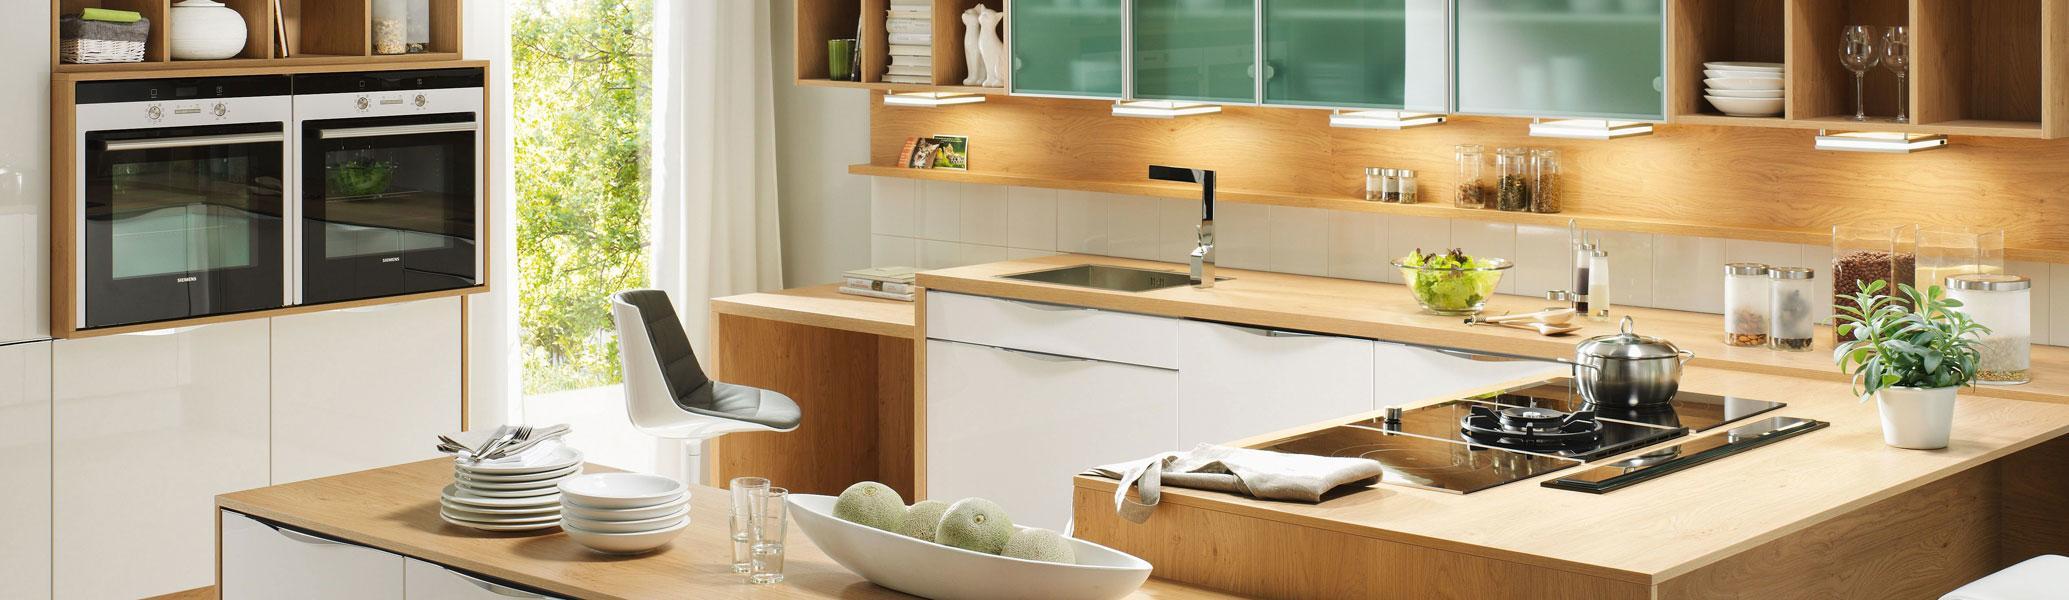 studioHR, DanKuchen Chromform kuhinja bijele boje visokog sjaja, slika 01